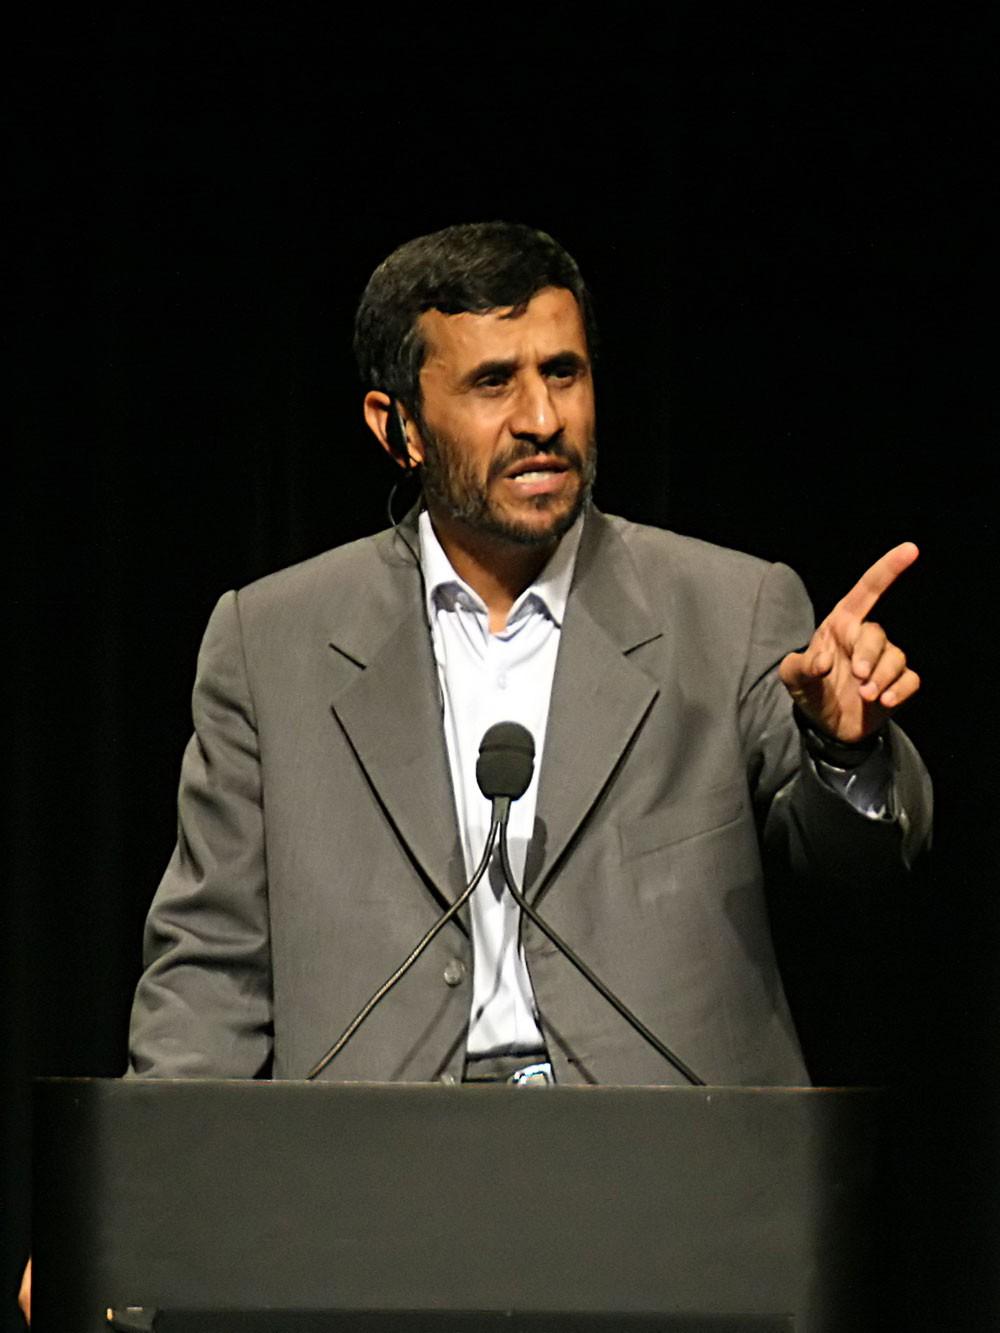 مرة أخرى.. أحمدي نجاد يطالب بمظاهرات معارضة للحكومة